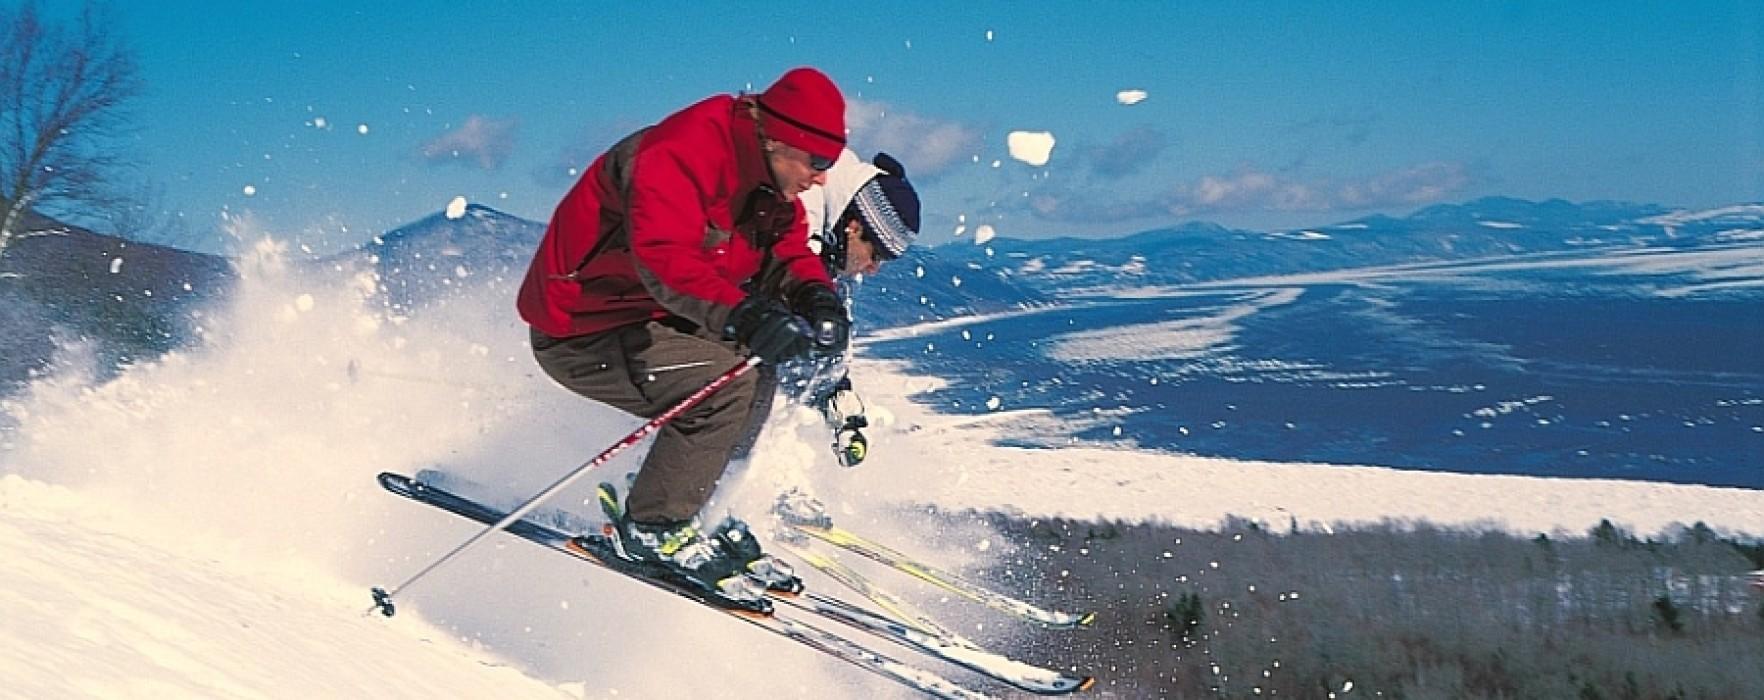 CJ Dâmboviţa caută investitori pentru pârtii de schi în zona Padina-Peştera